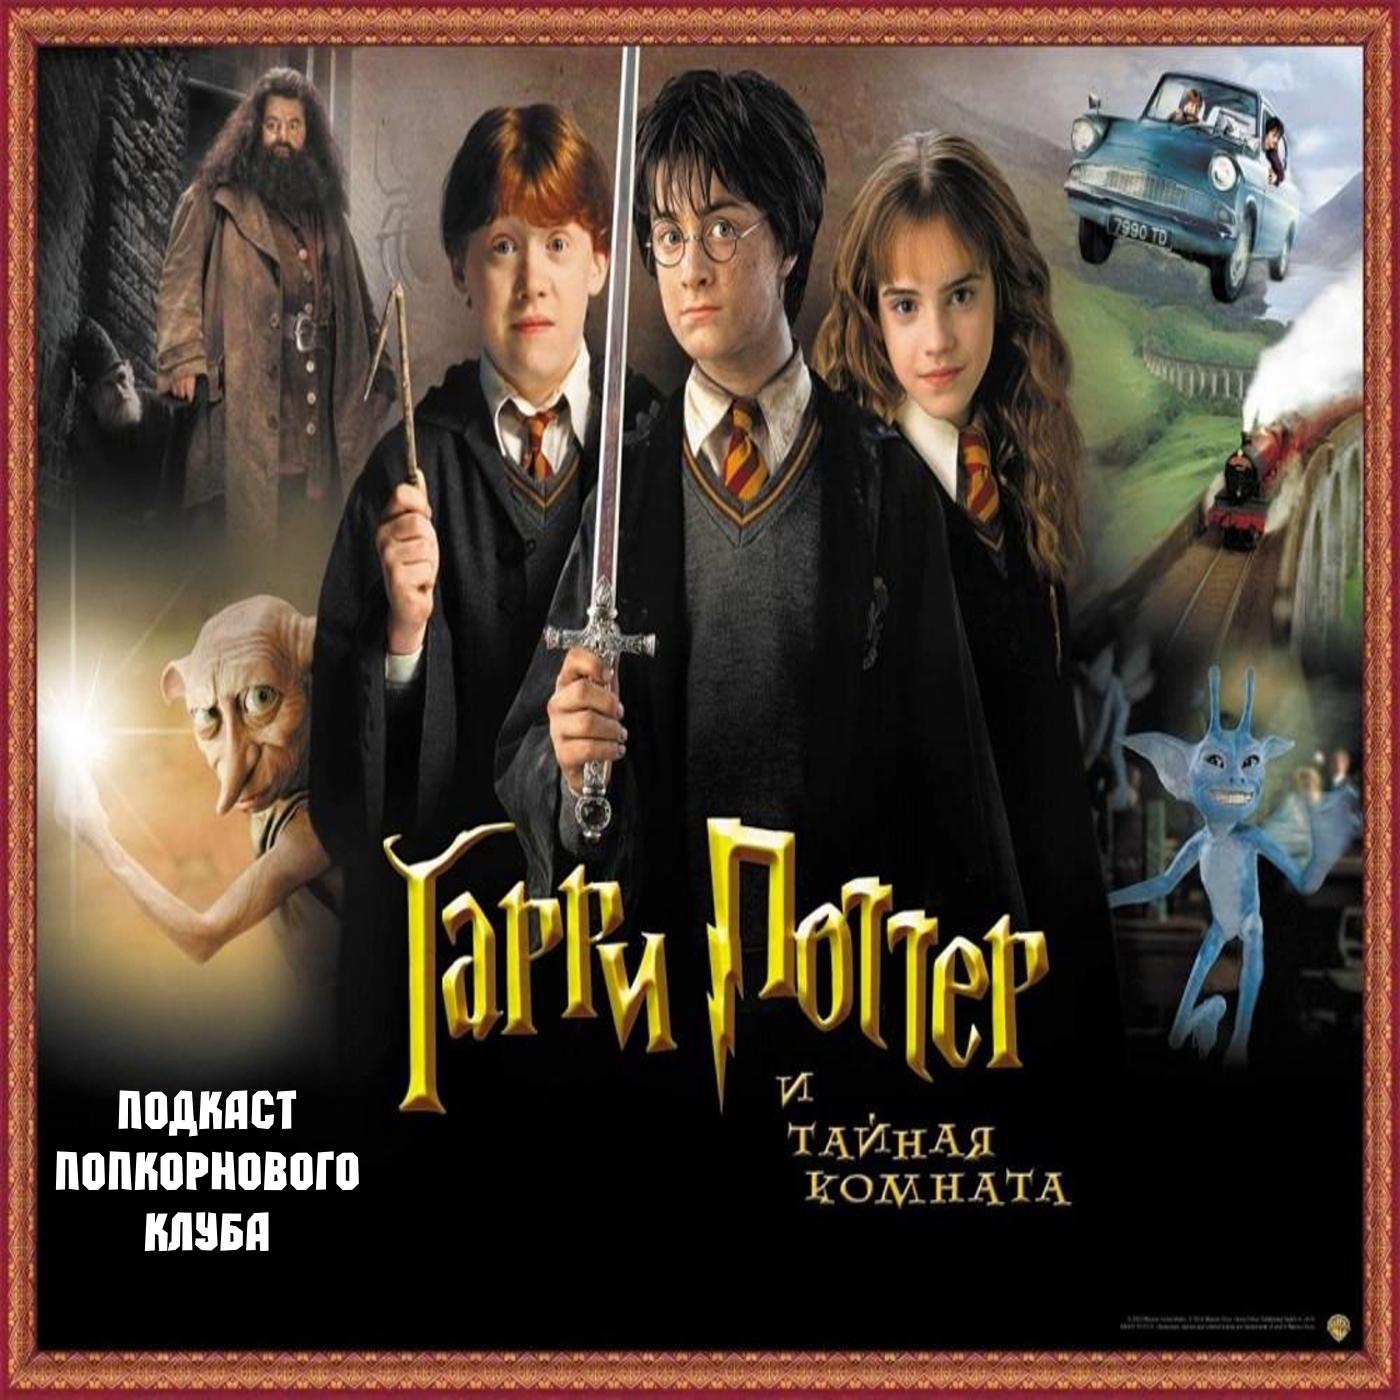 Гарри Поттер и Тайная комната - Попкорновый клуб